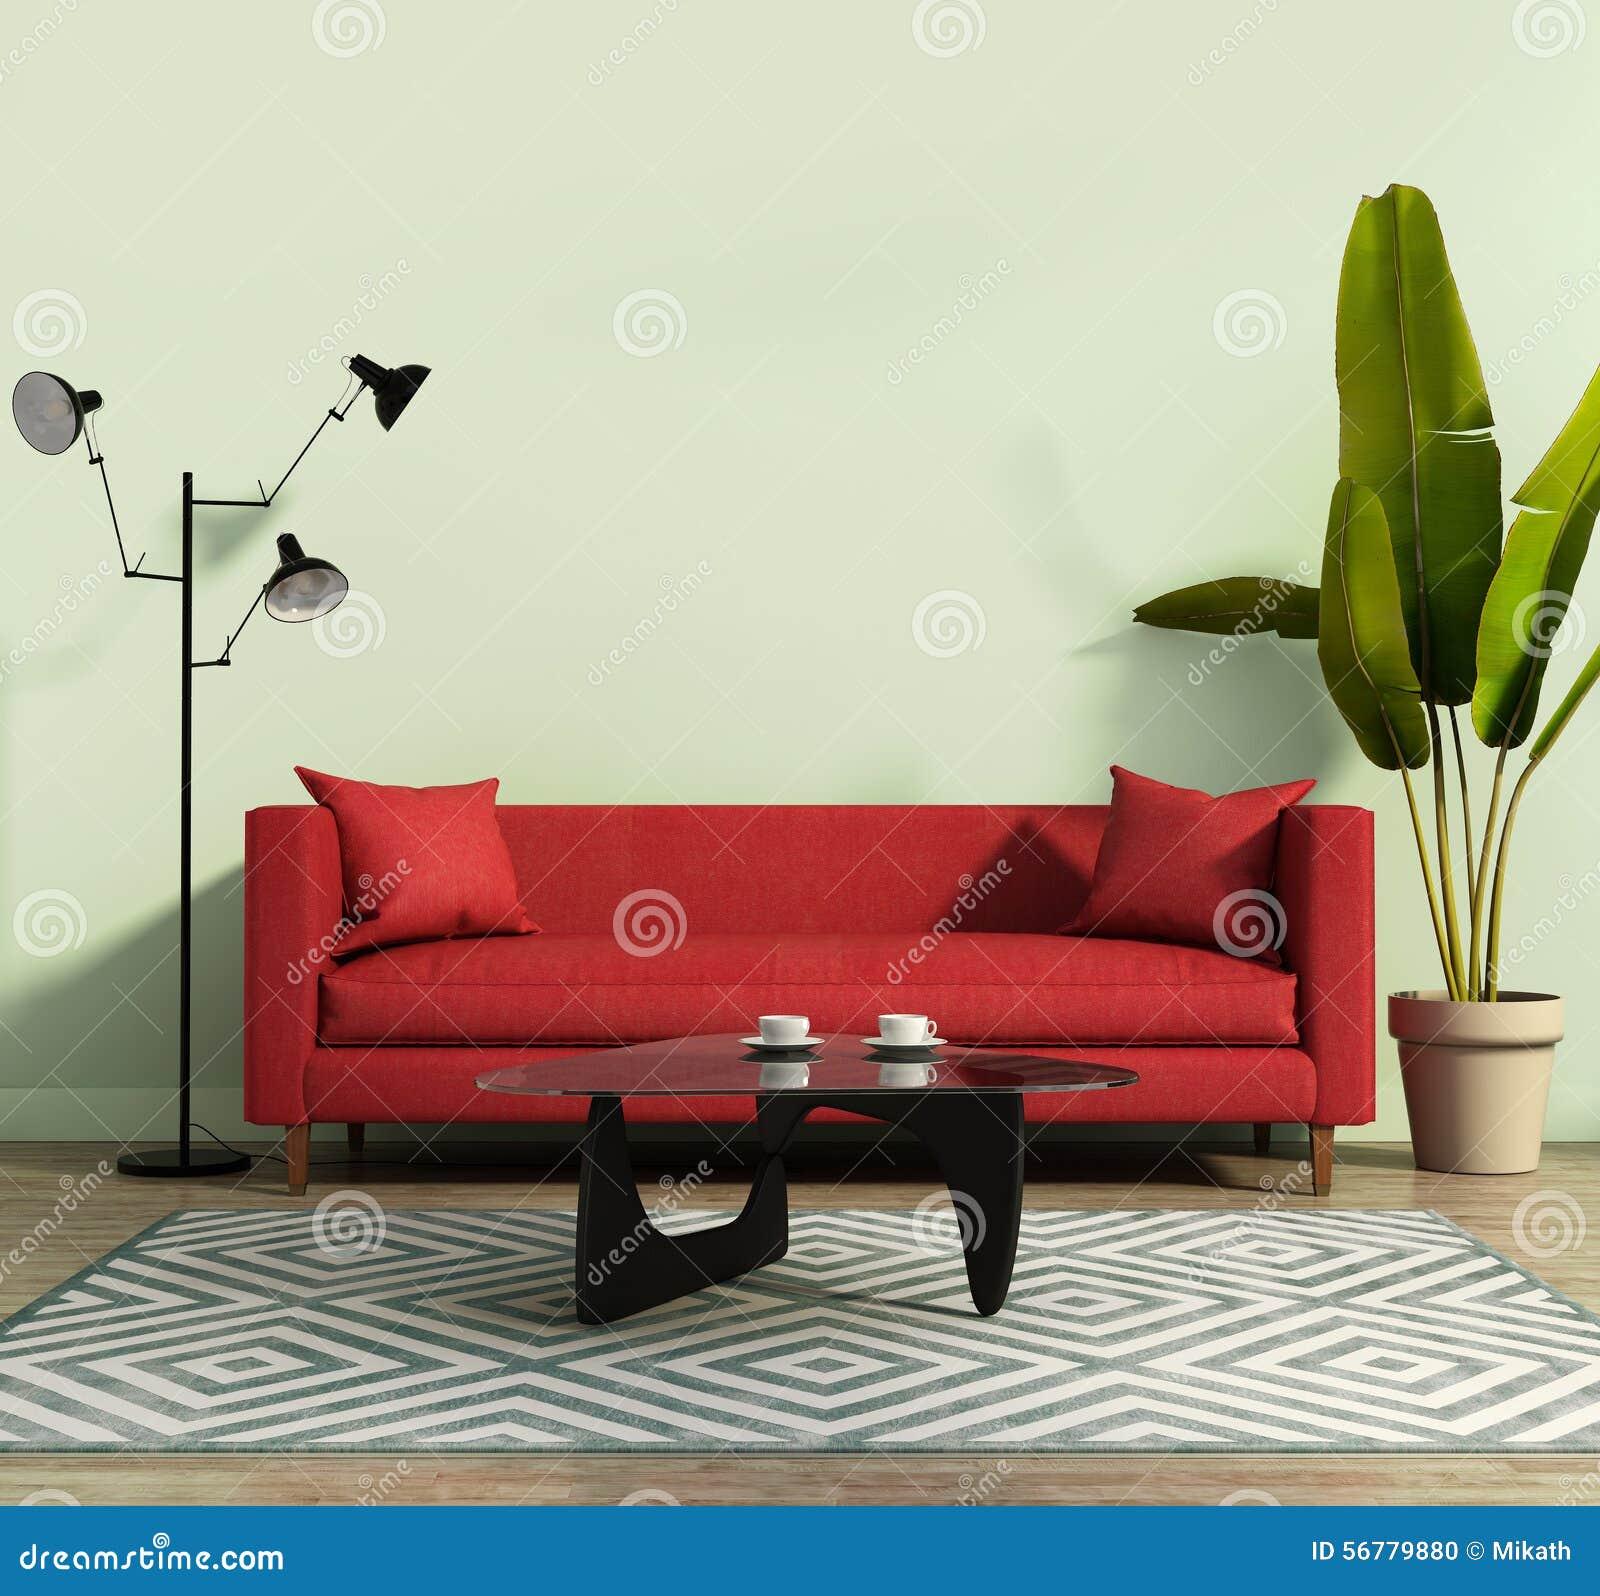 wohnzimmer mit einem roten sofa und einer geometrischen wolldecke stockfoto bild 56779880. Black Bedroom Furniture Sets. Home Design Ideas